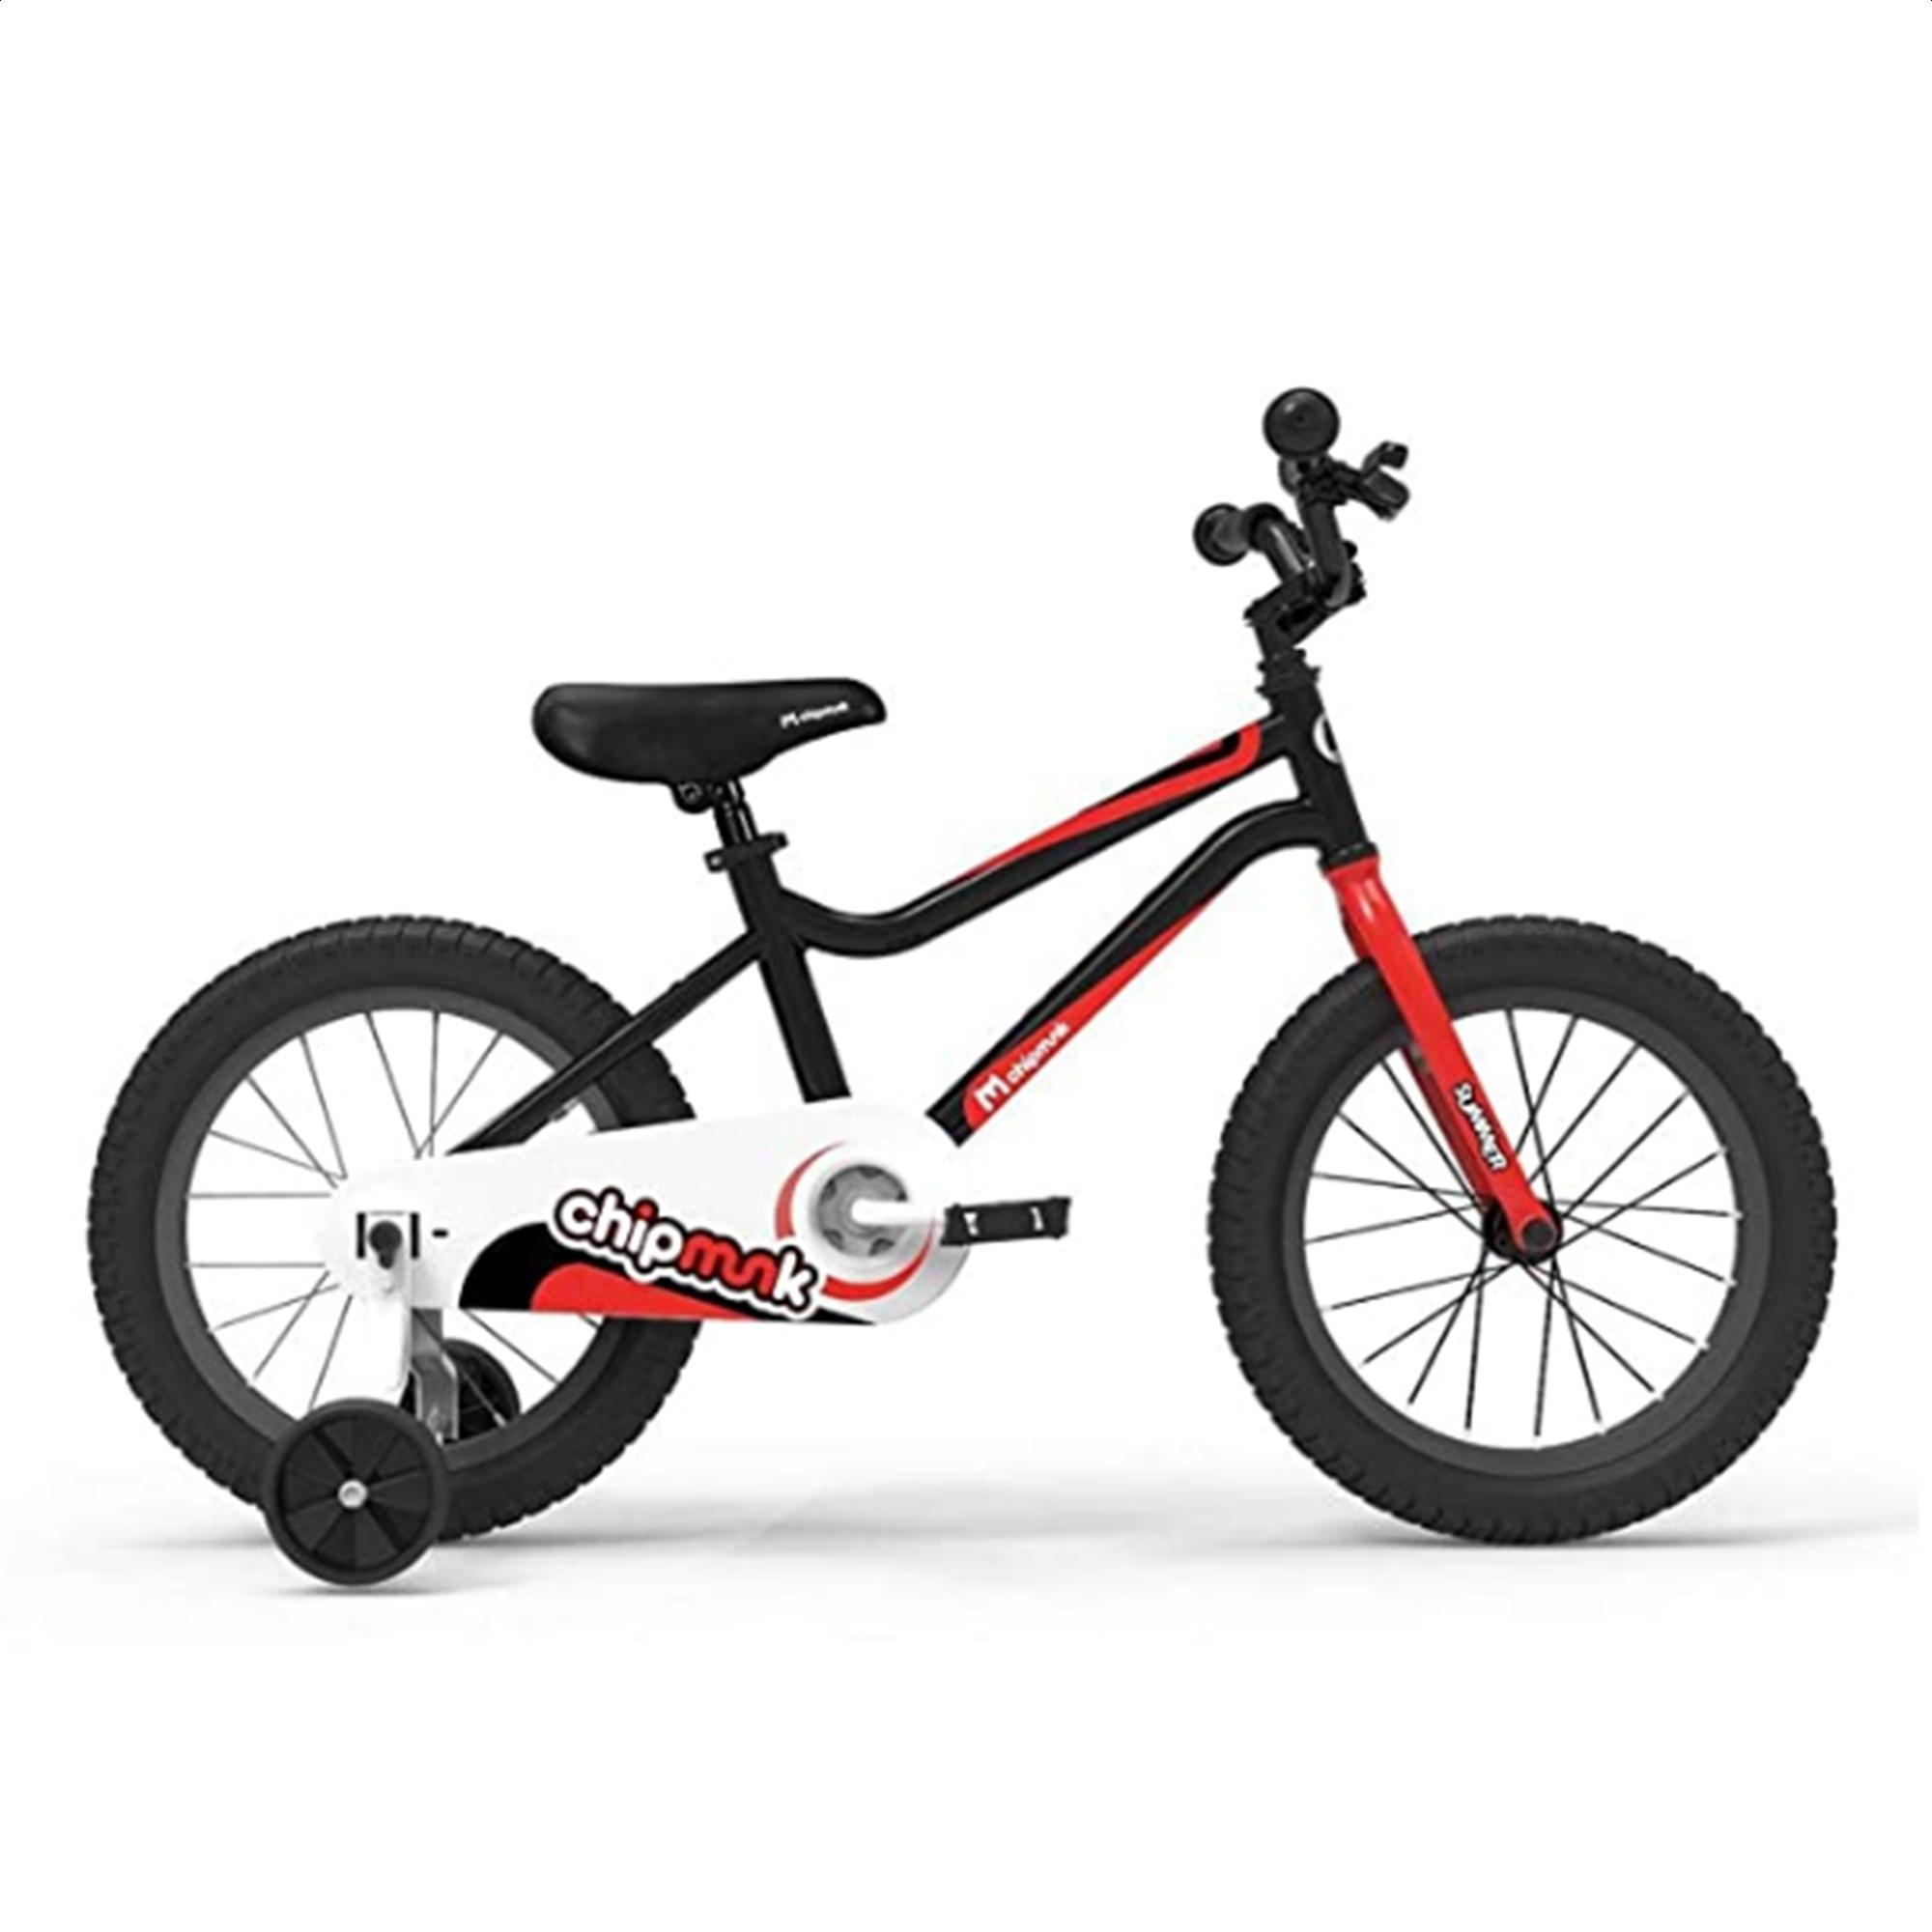 Bicicleta Infantil Royal Baby Chipmunk MK Rodado 12